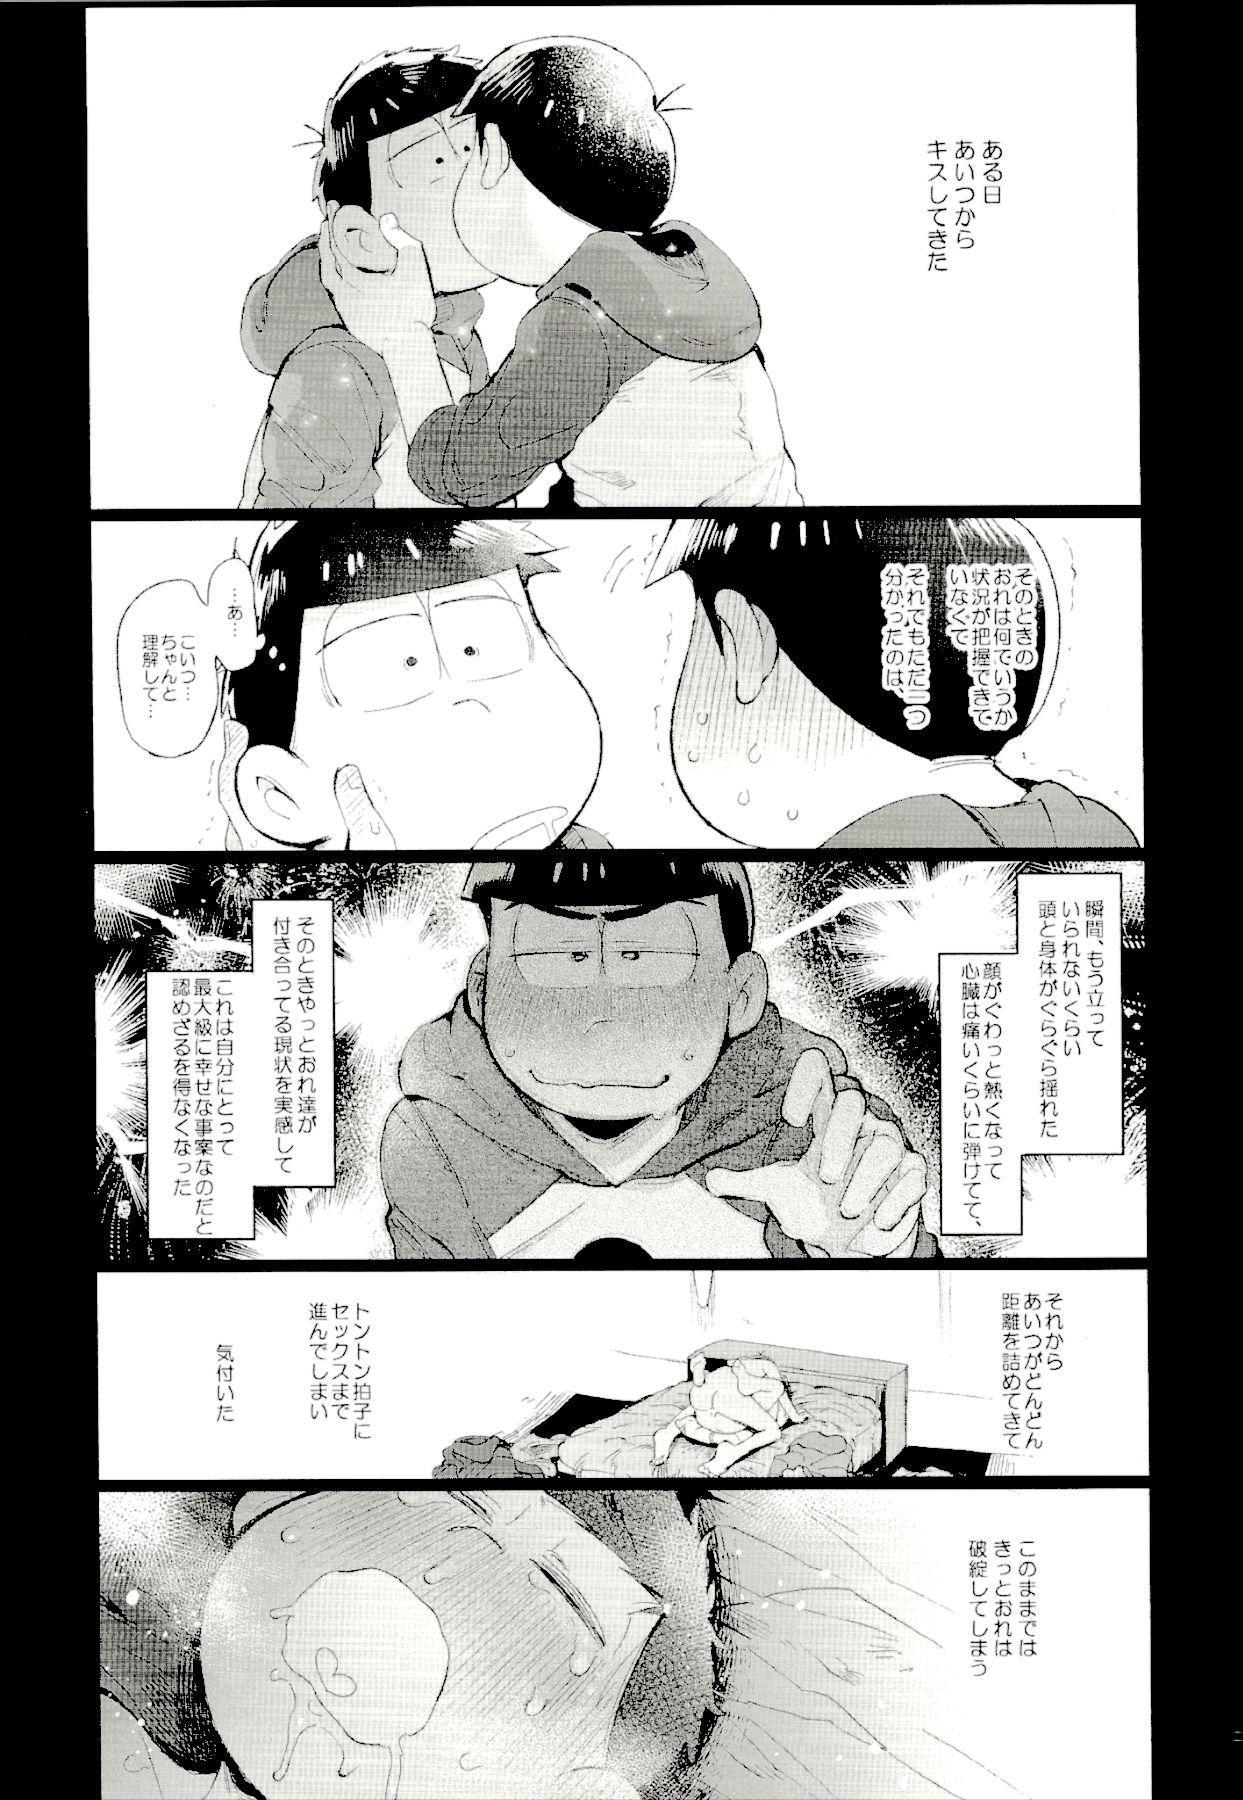 Kore ga Bokura no Imashime Riron 21